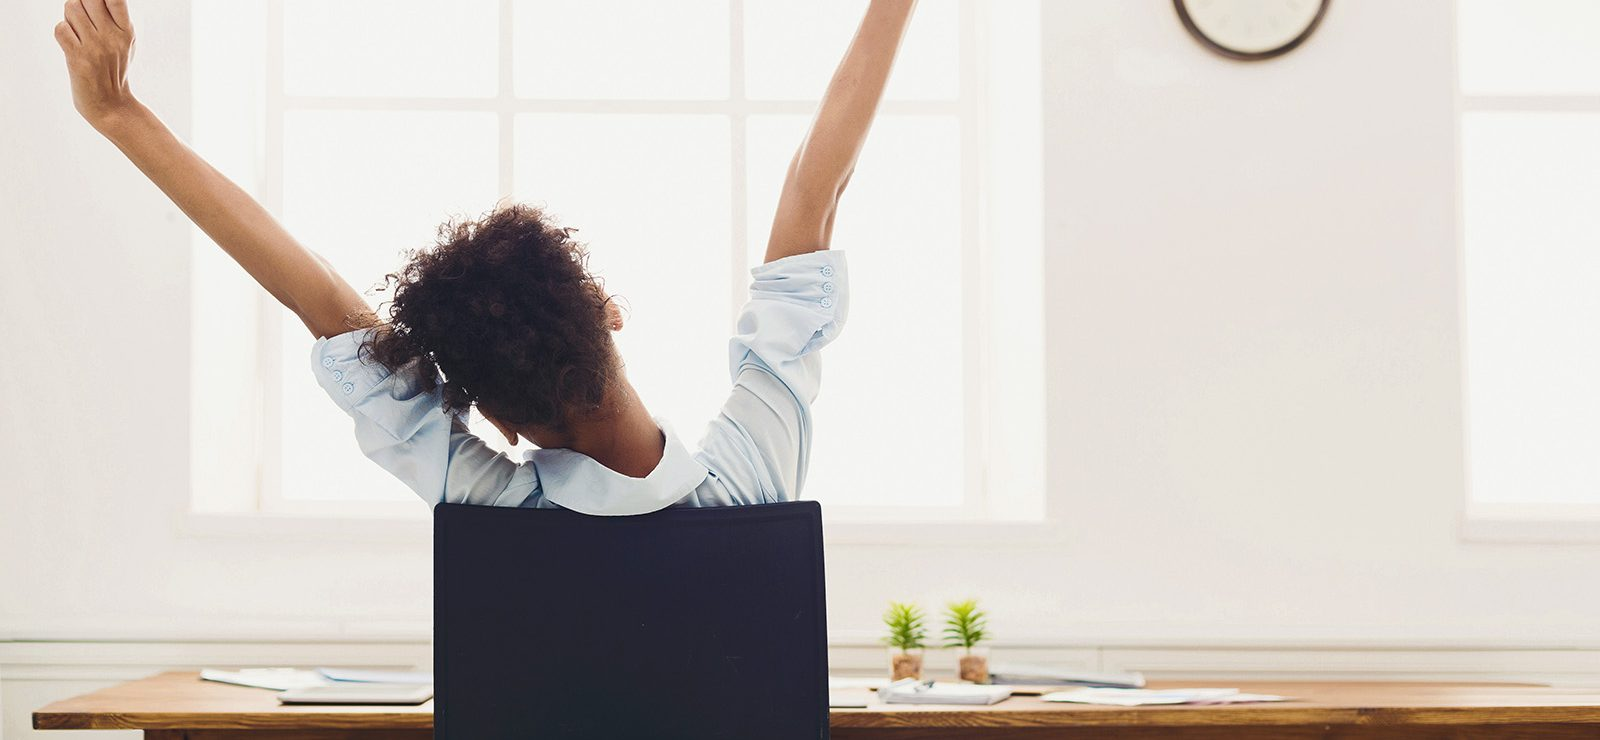 Ejercicios-y-estiramientos-en-la-oficina-para-aliviar-el-dolor